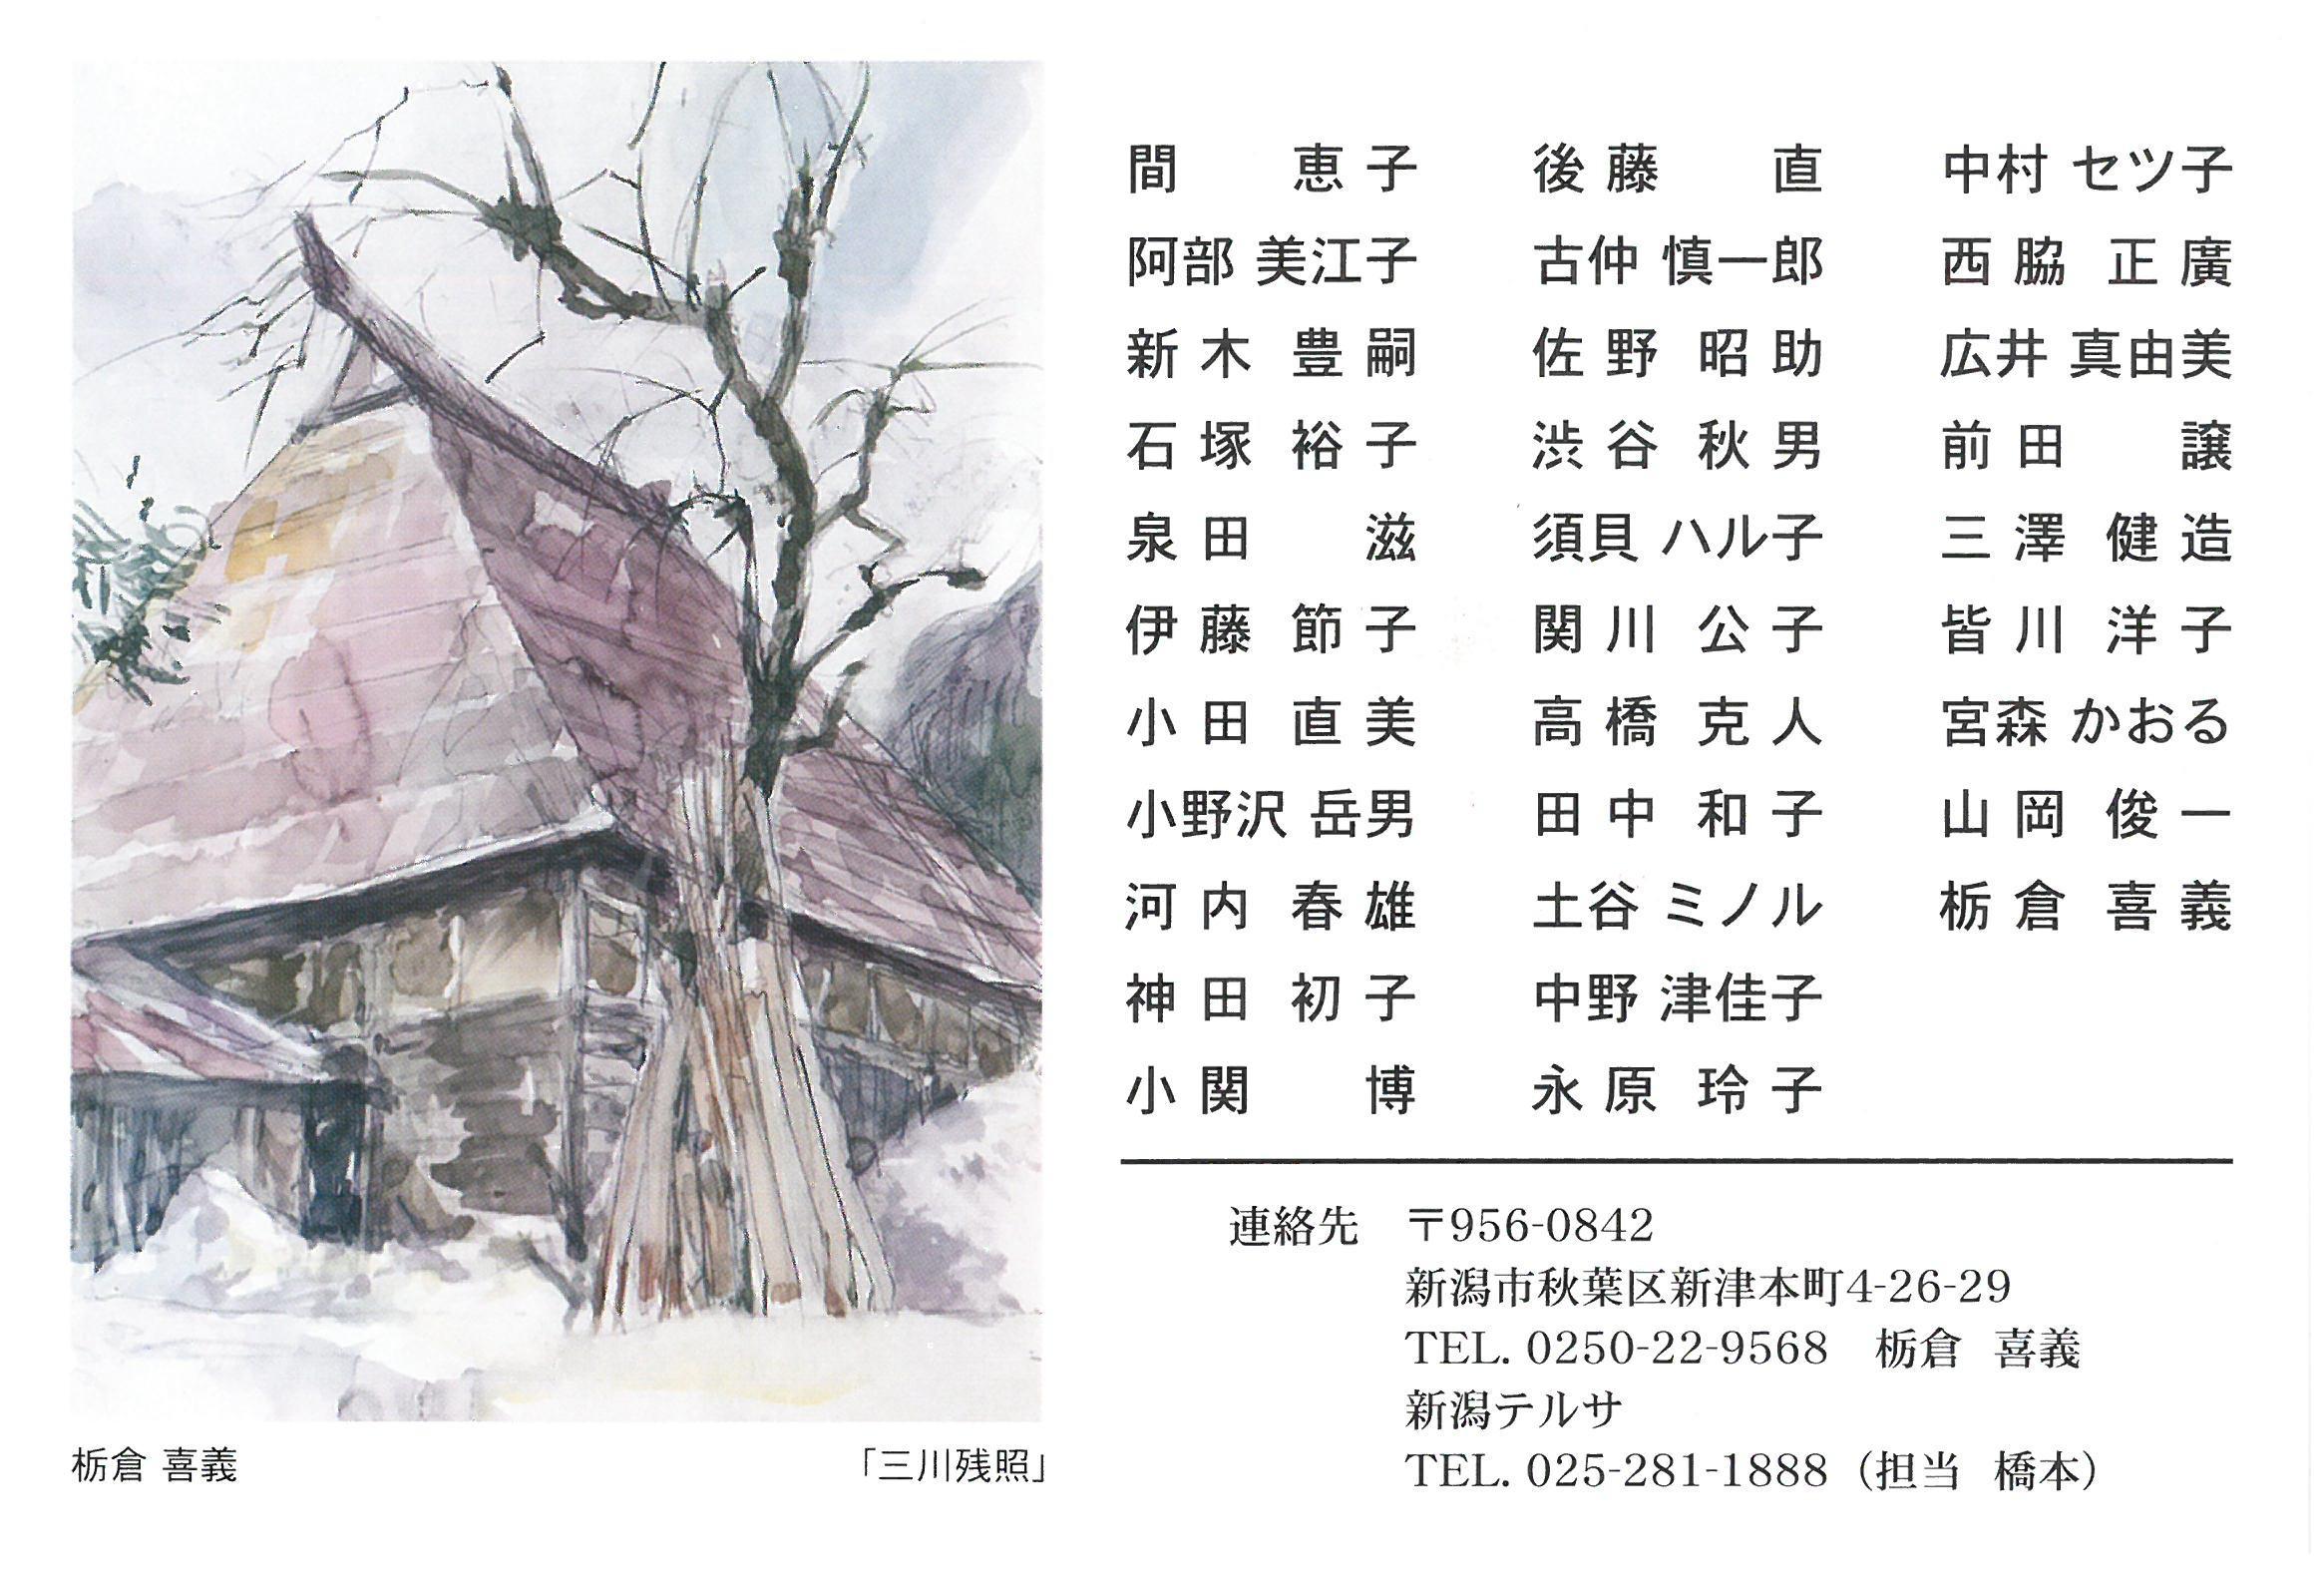 SKM_C224e18050909490_0001.jpg